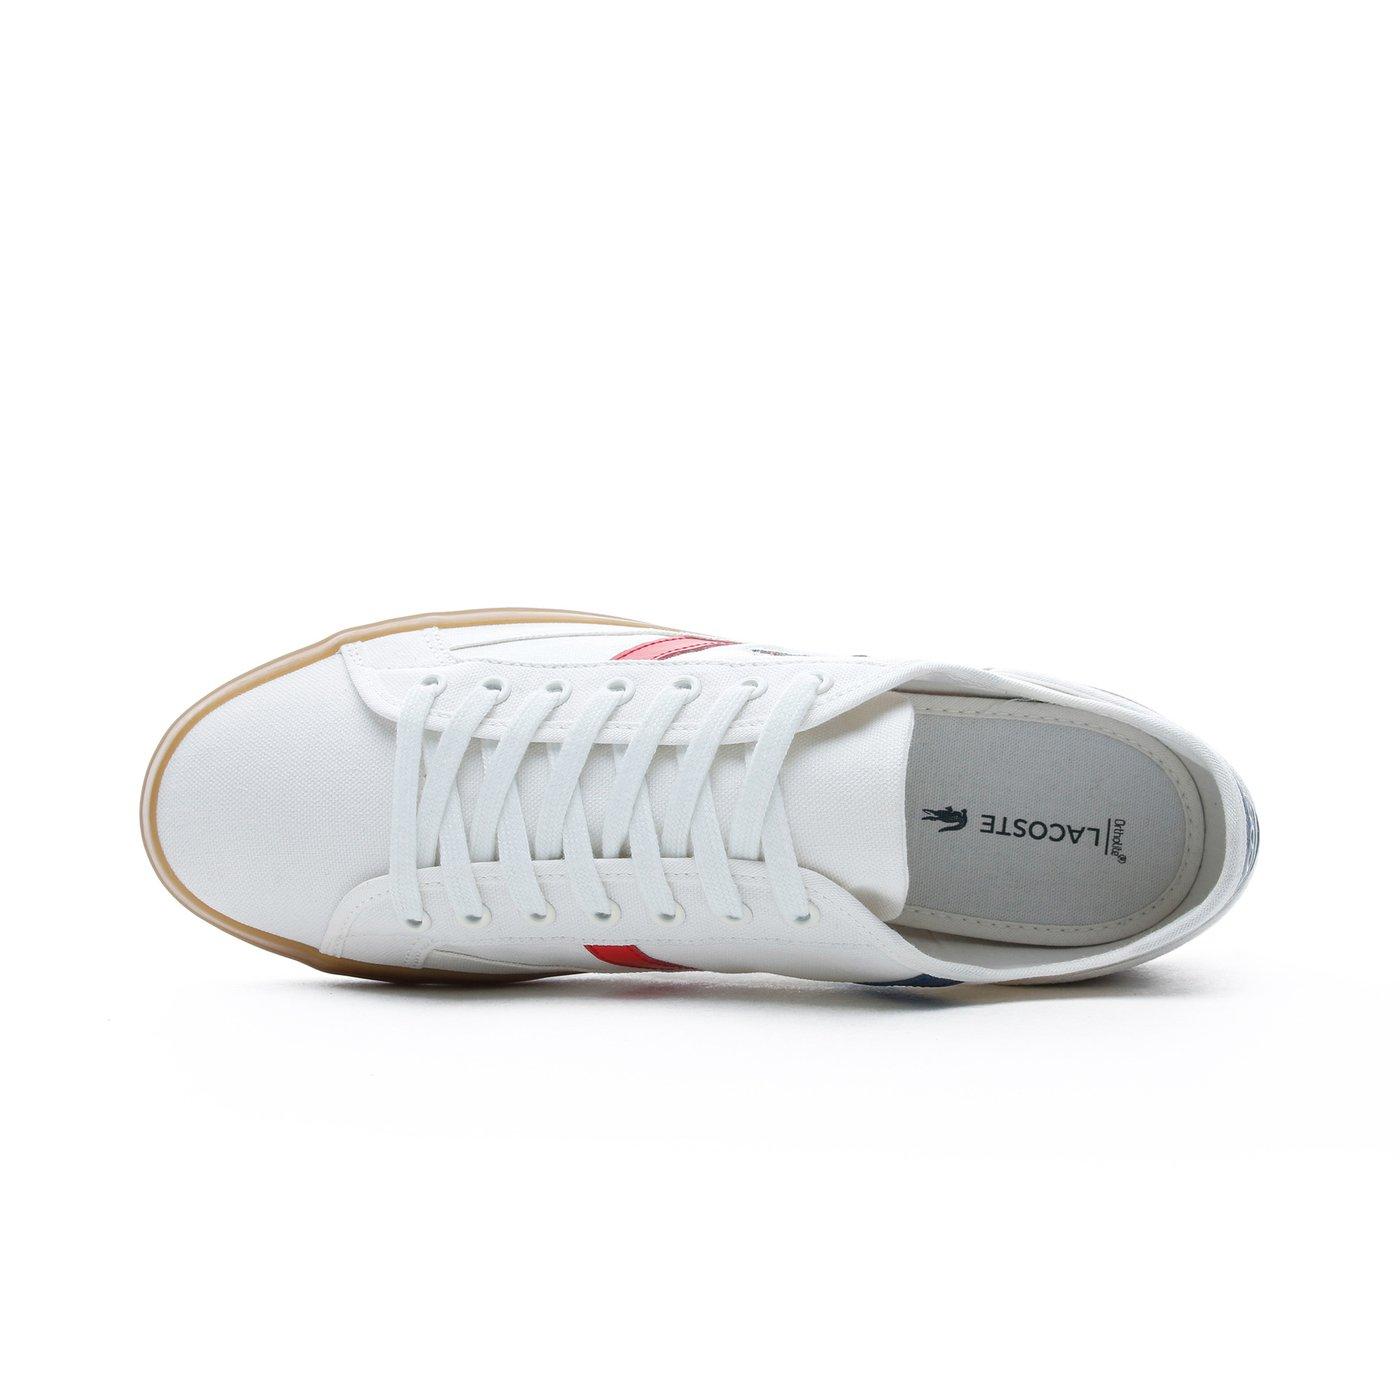 Lacoste Erkek Beyaz - Gri Spor Ayakkabı